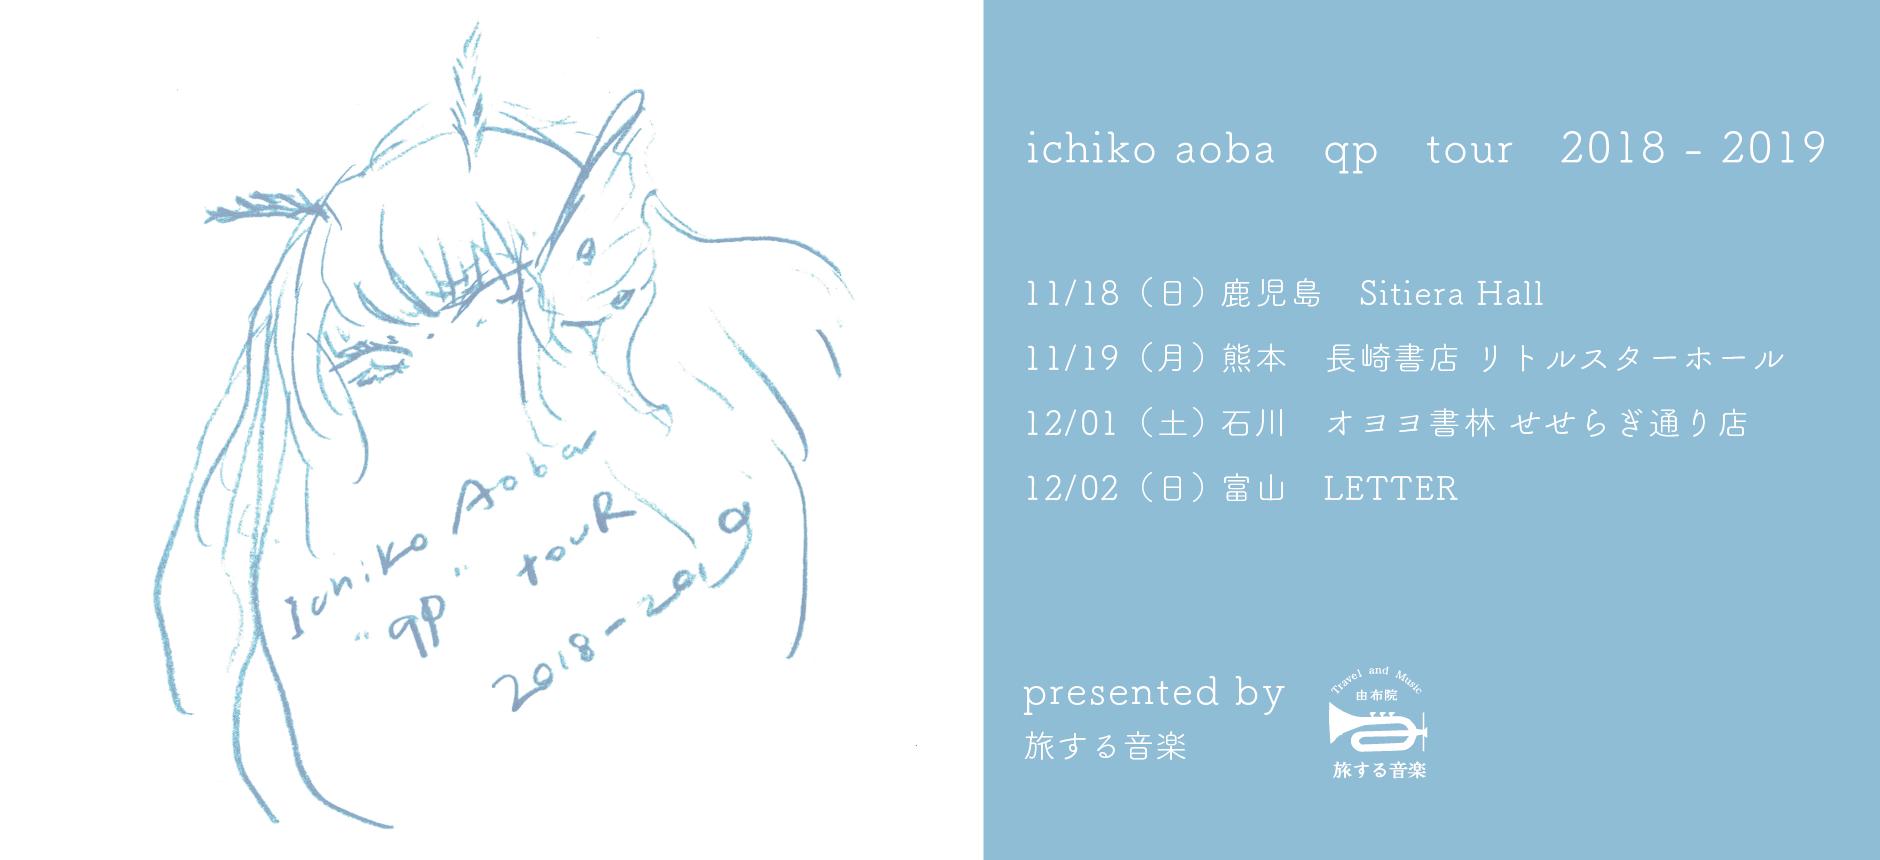 旅する音楽 presents aoba ichiko qp tour 2018-2019 鹿児島公演